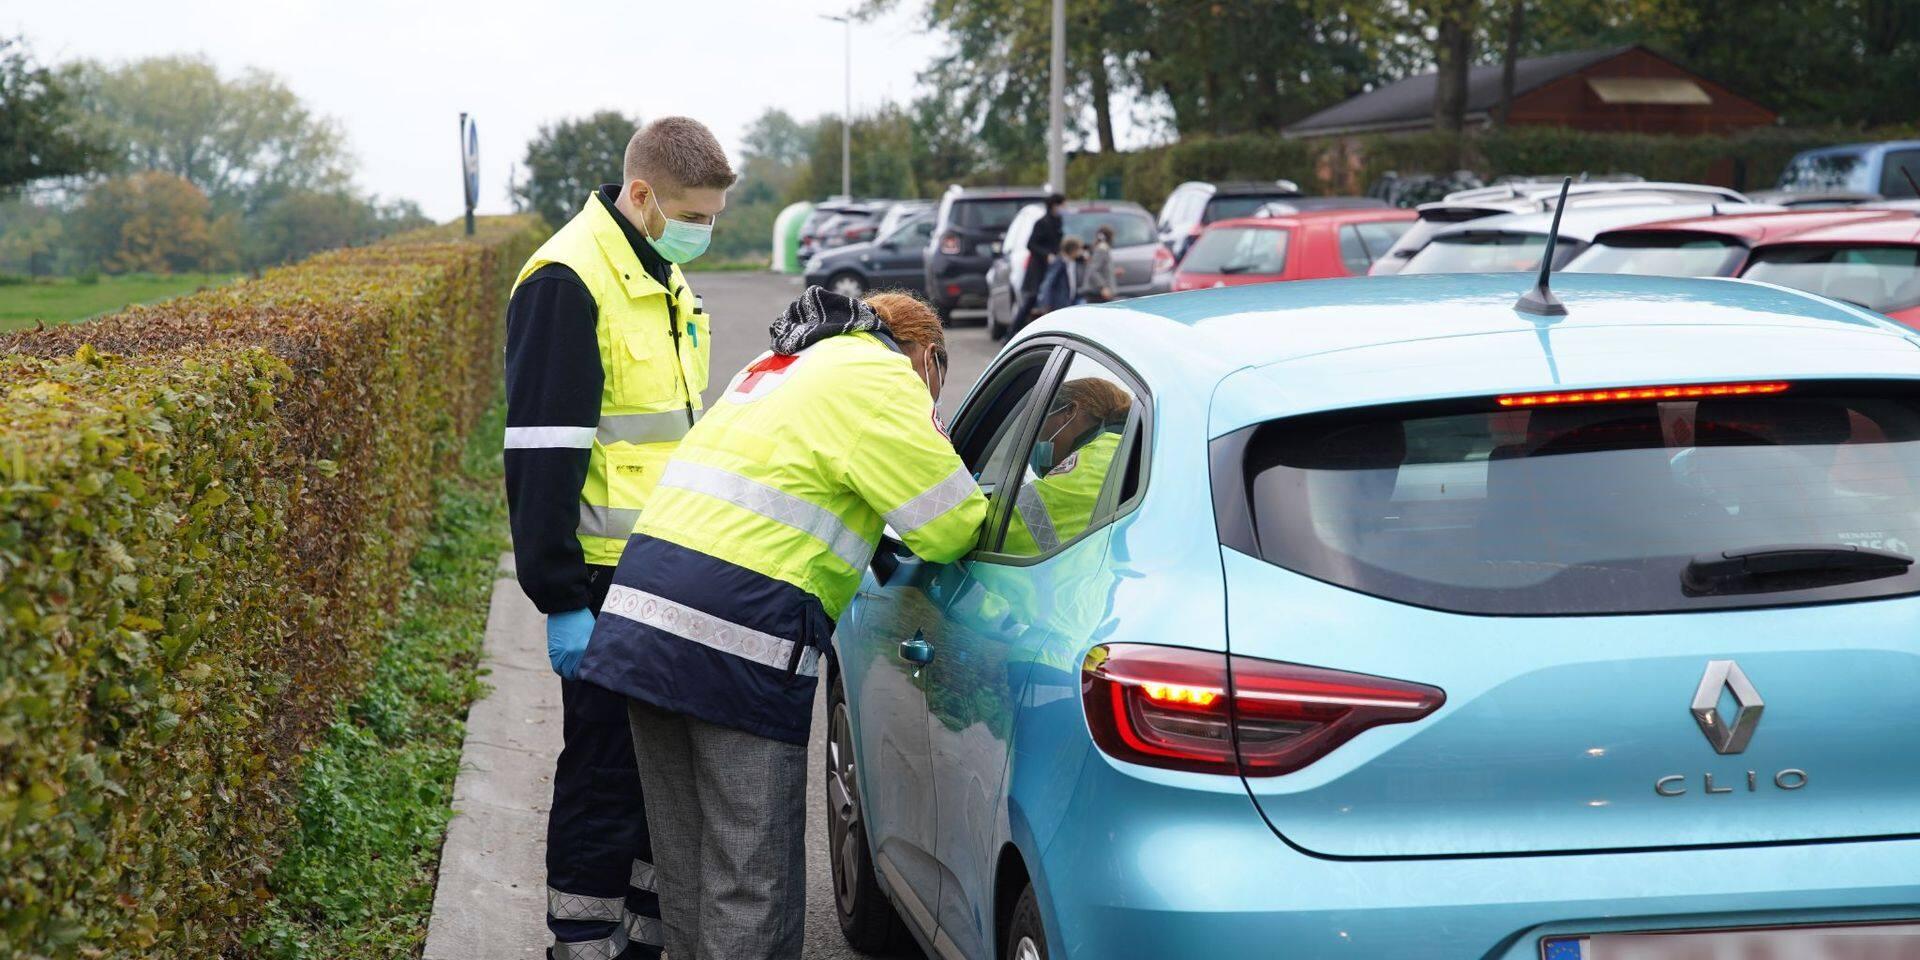 Les contaminations de Covid-19 en forte hausse dans le Brabant wallon